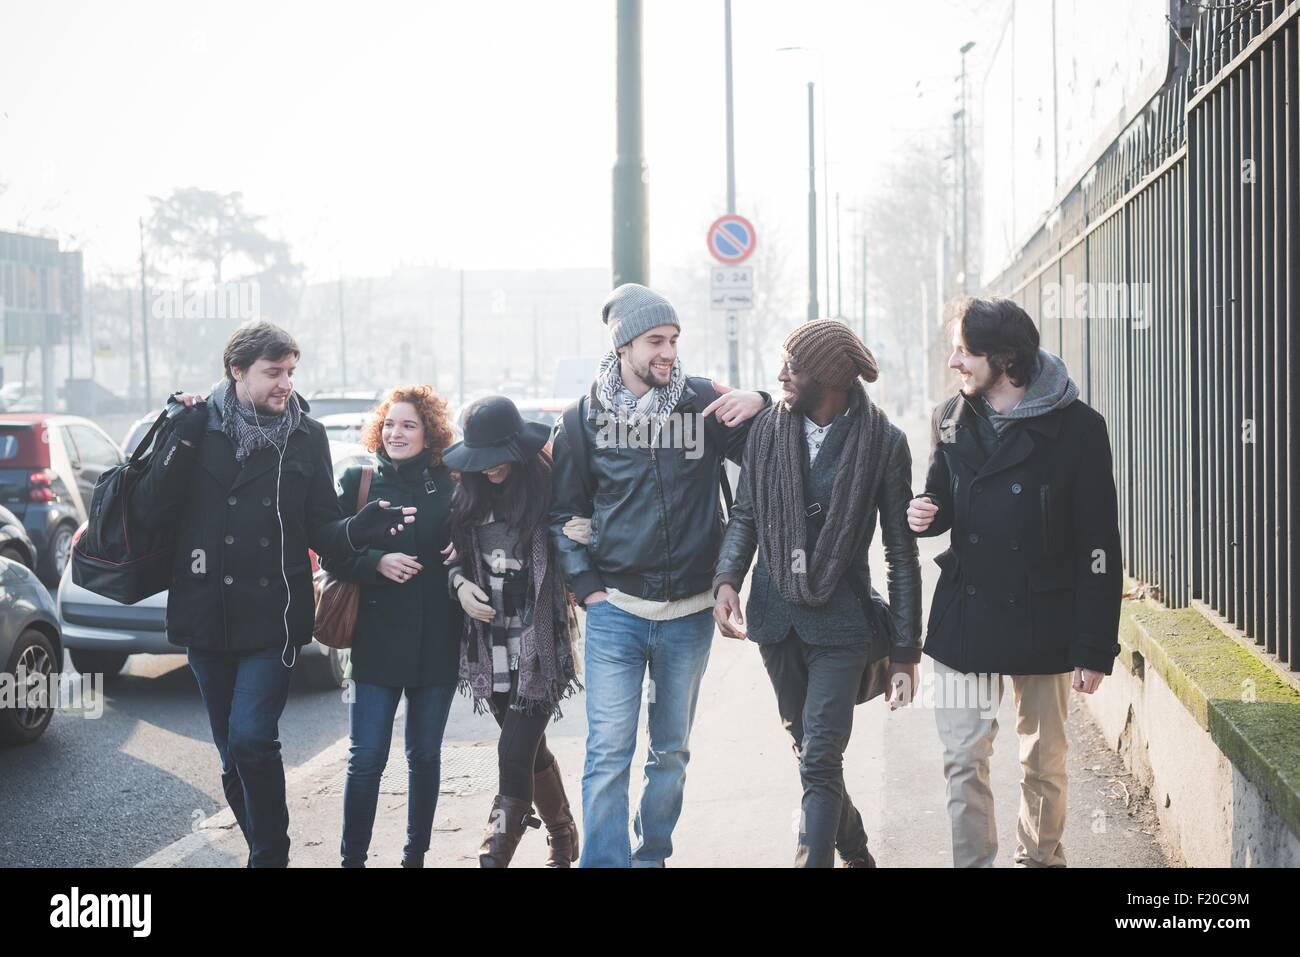 Sechs junge Erwachsene Freunde im Chat beim Spaziergang entlang der Stadtstraße Stockfoto